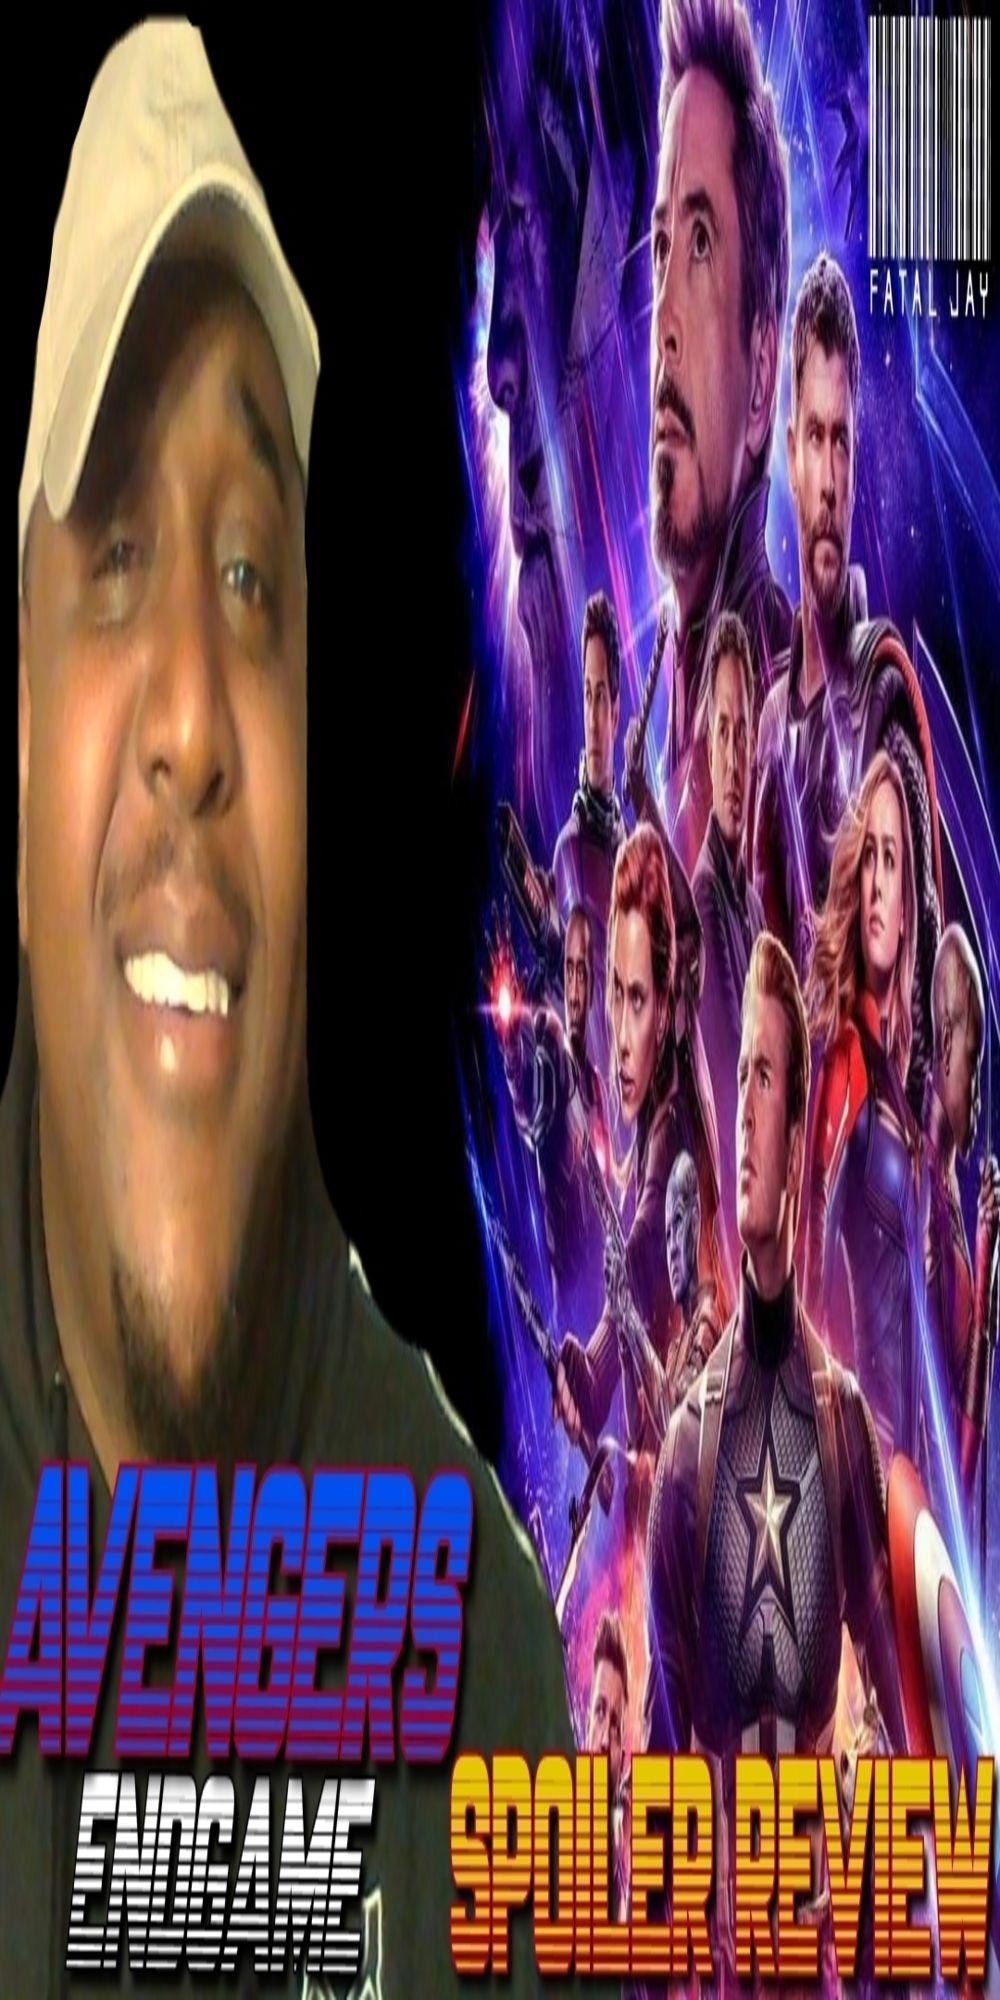 Avengers Endgame Spoiler Review Marvel Studios Movie Spoilers Marvel Studios Movies Sick Movie Movie Spoiler